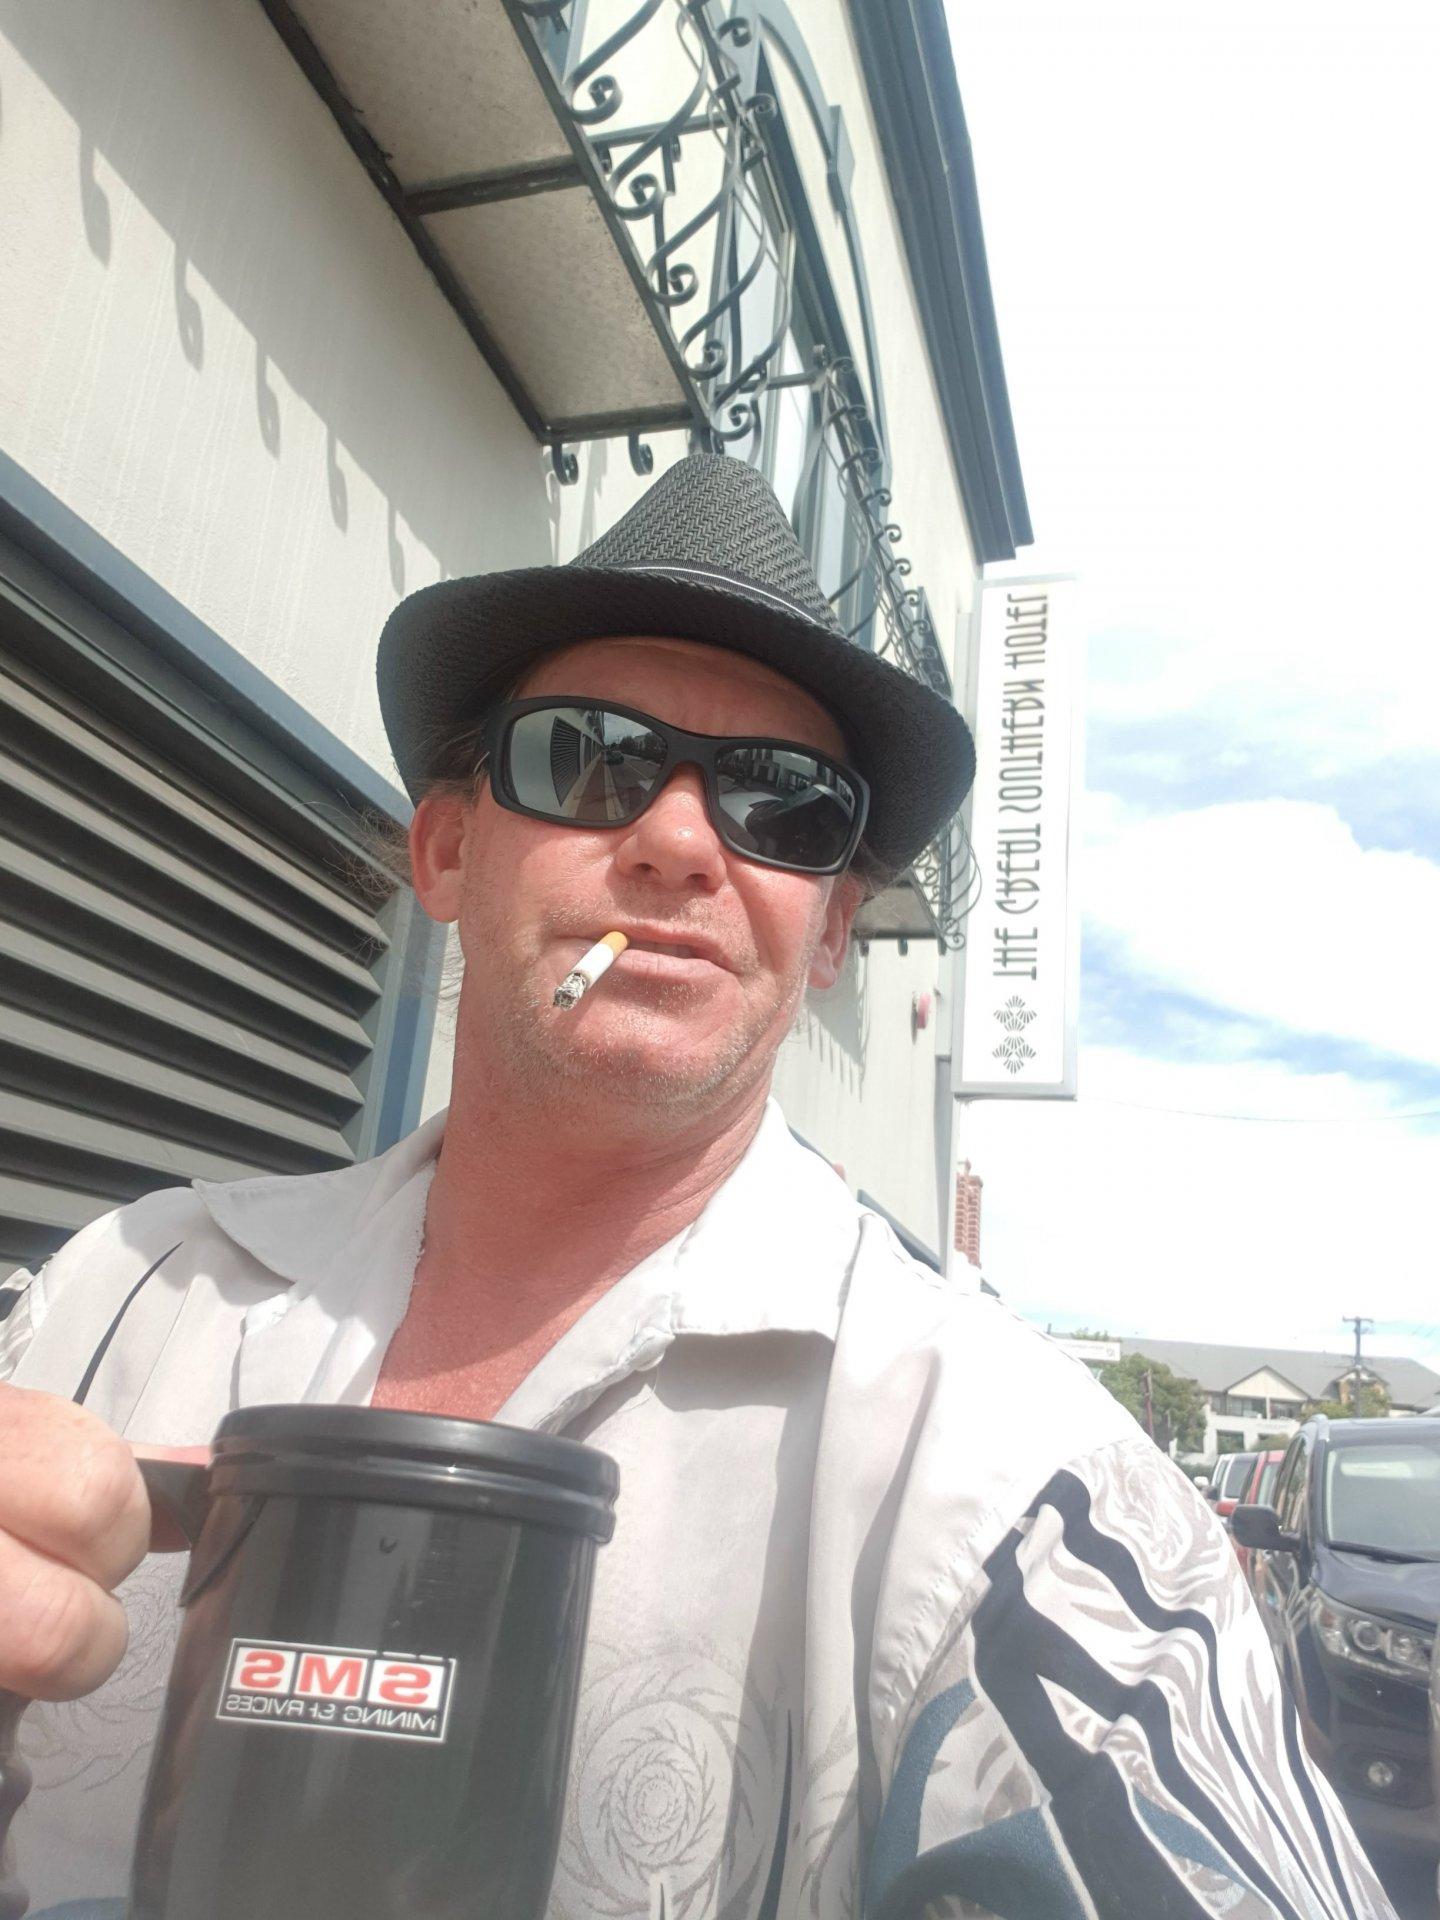 HotNez75 from Queensland,Australia